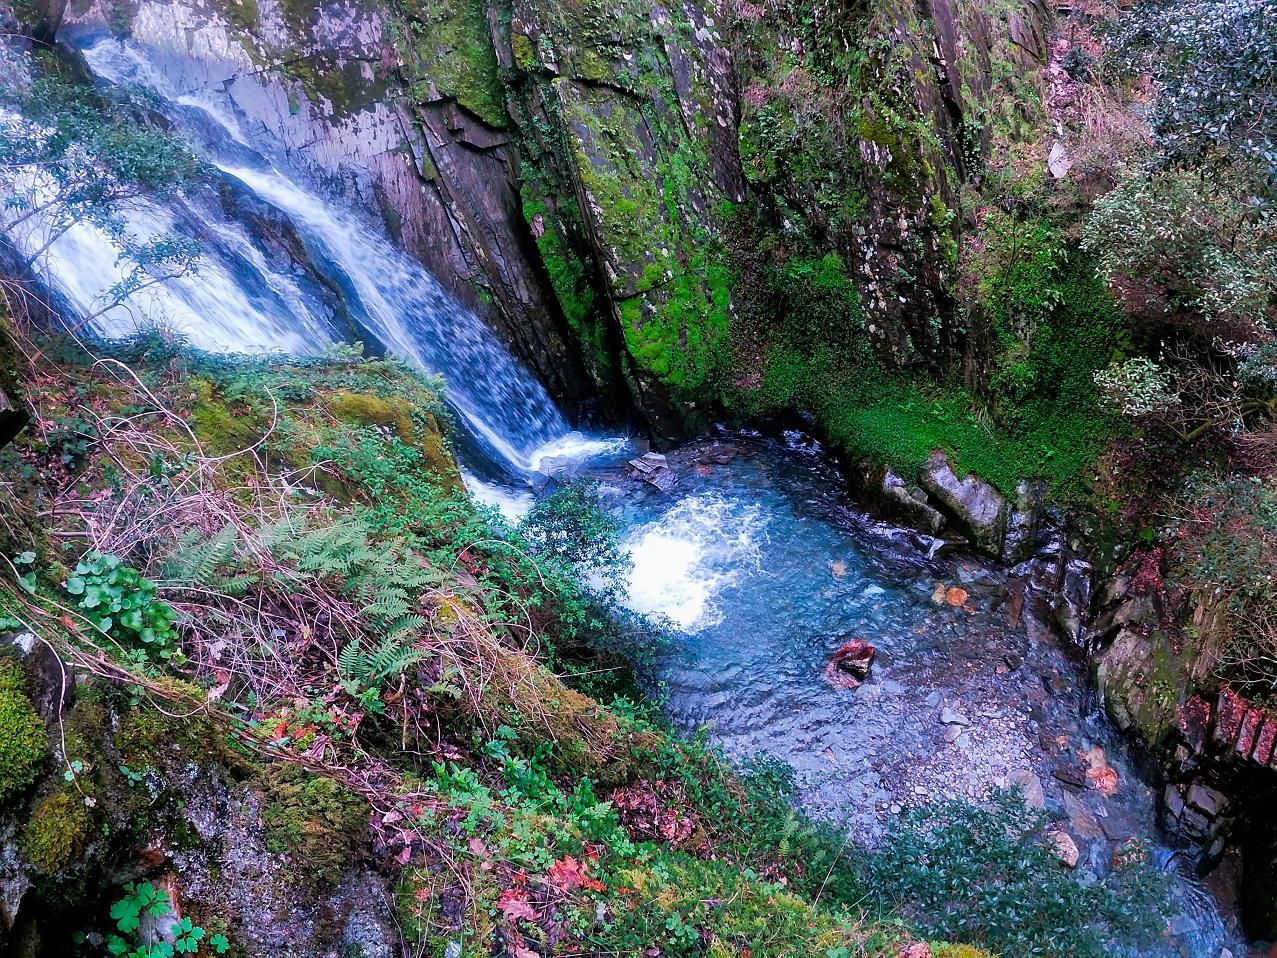 Fraga da Pena Waterfall